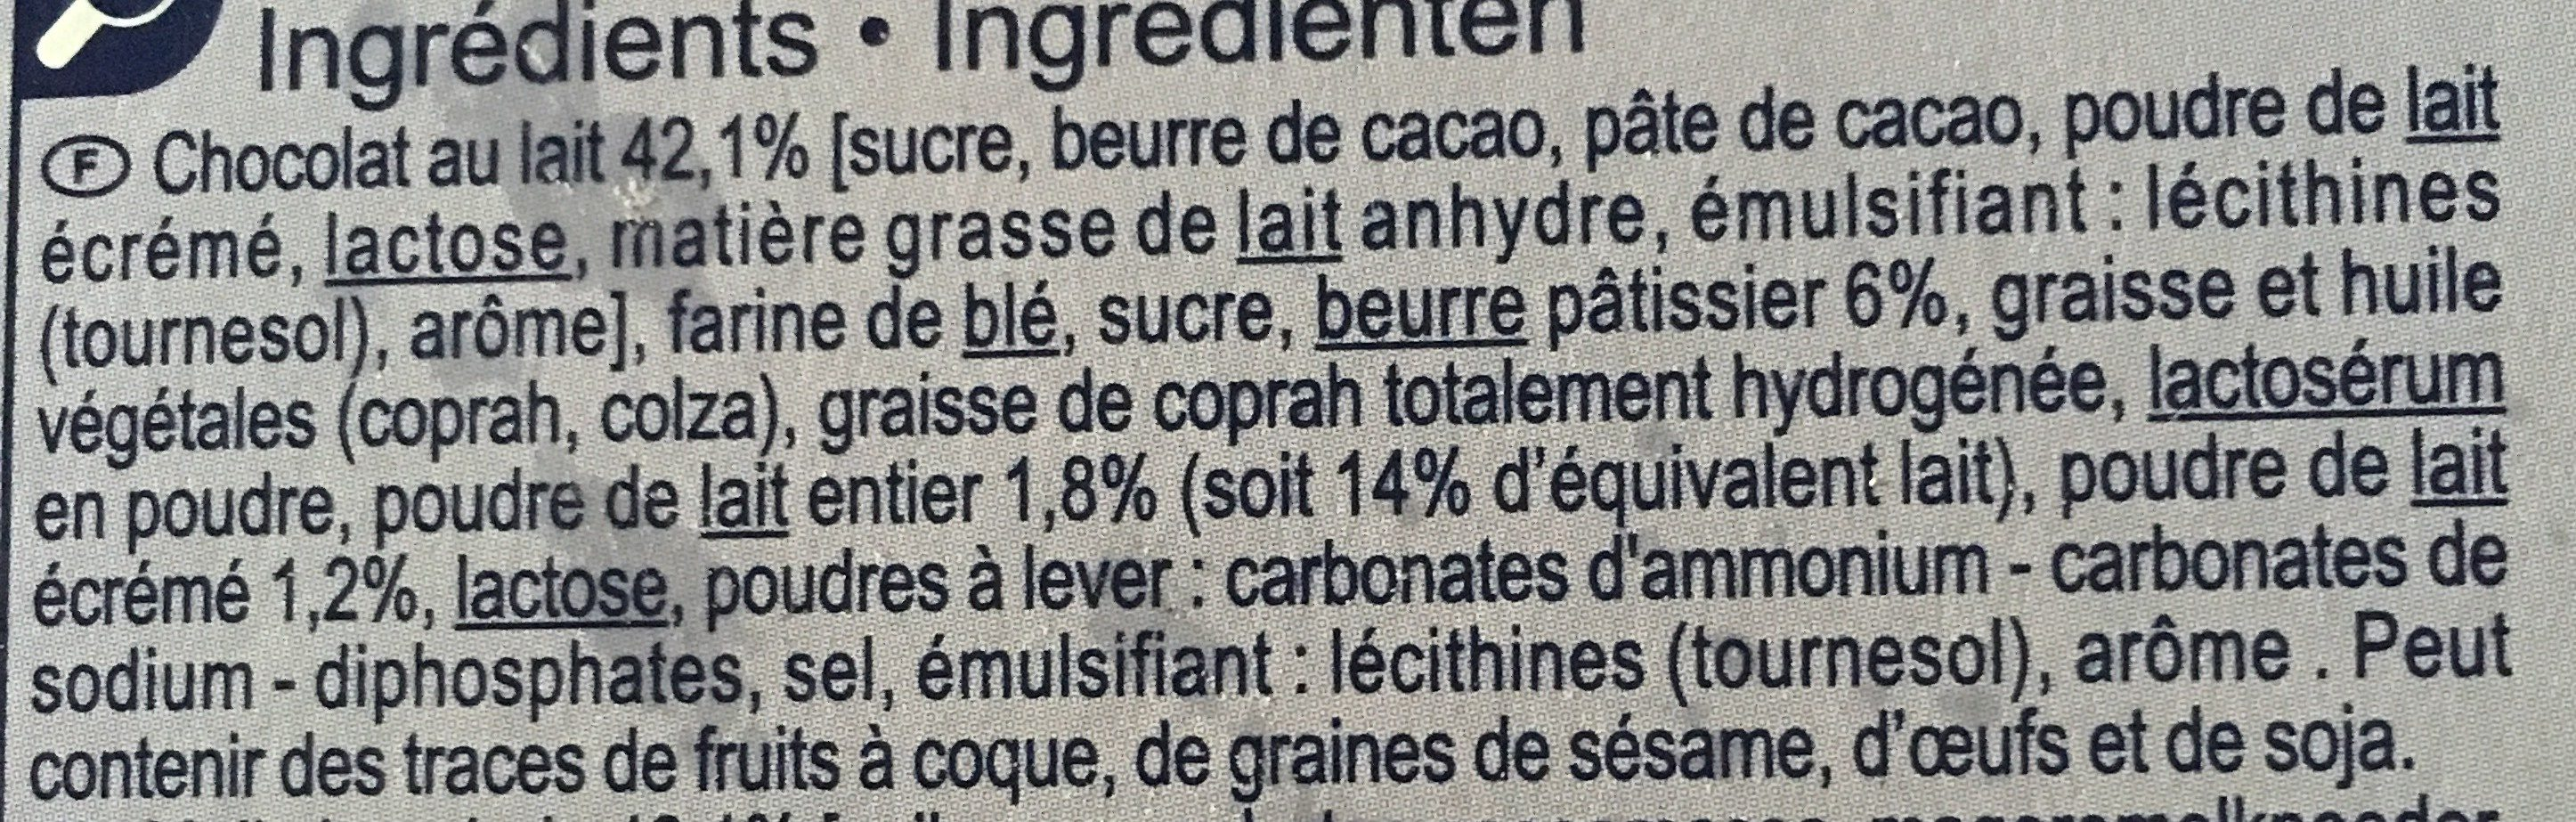 Le petit beurre  tablette chocolat lait  cœur au lait - Ingrediënten - fr